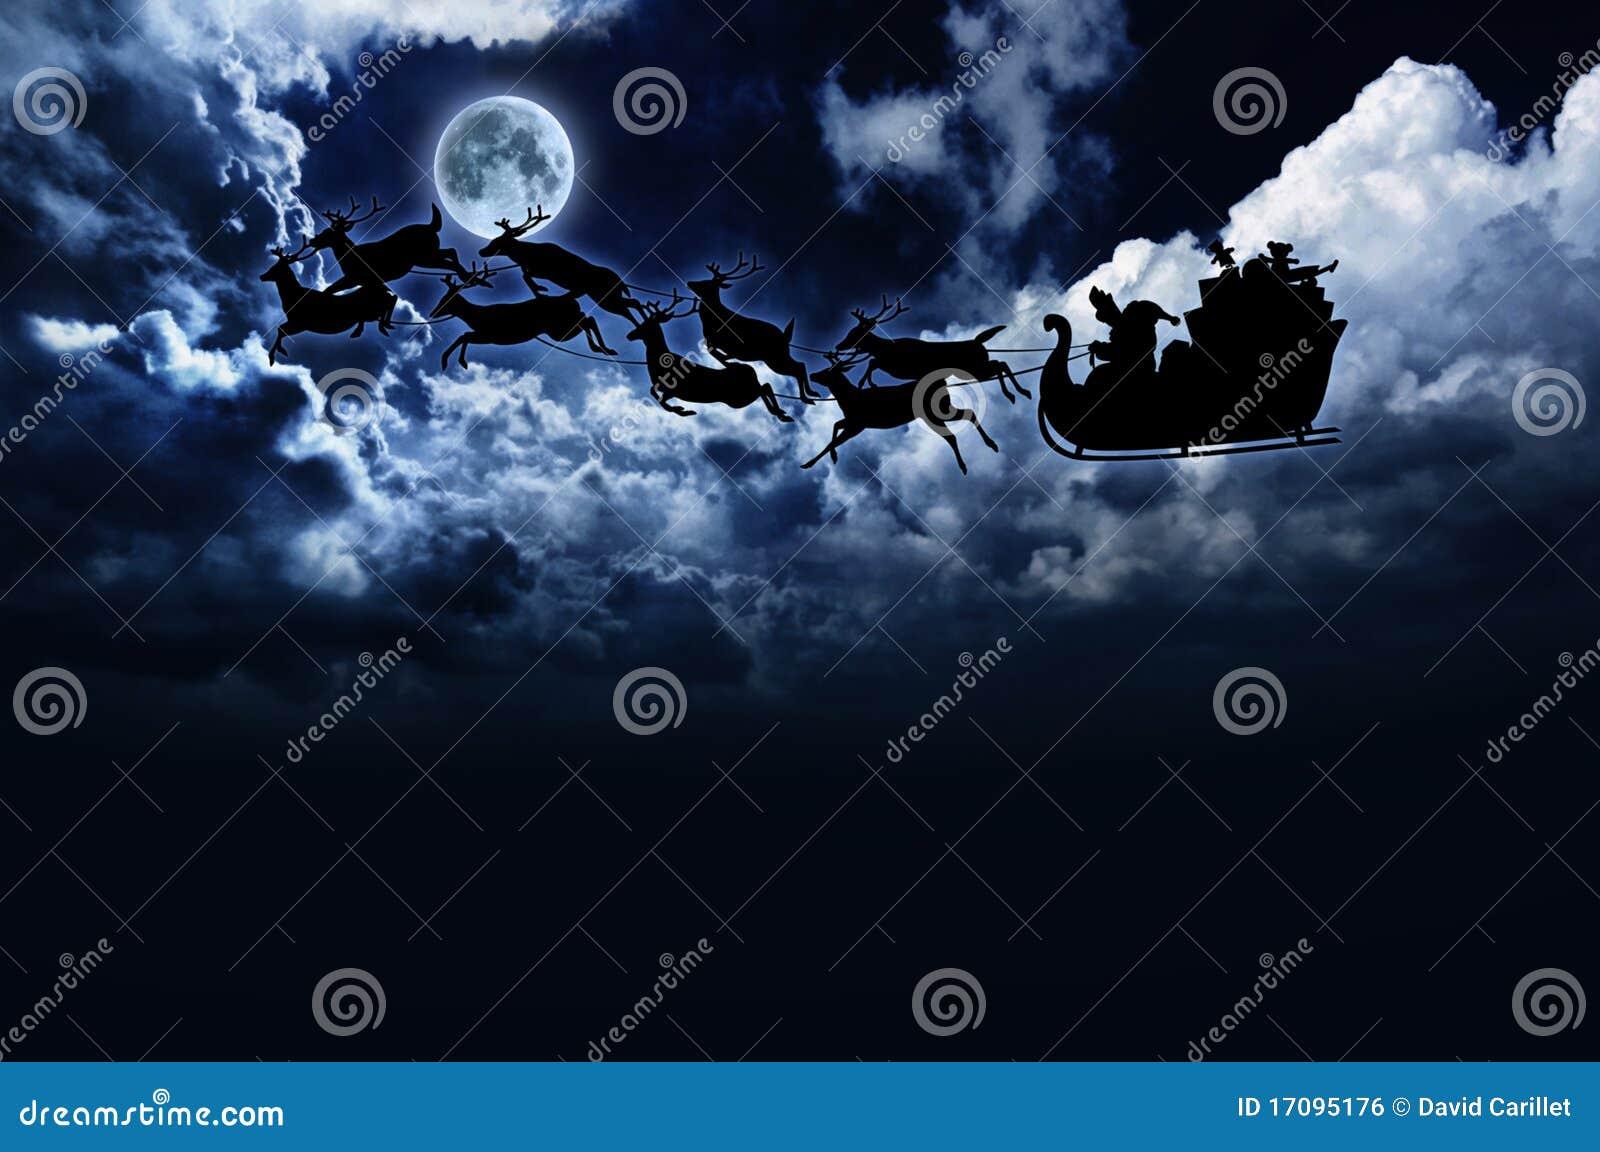 Silhouette Of Santa Sleigh & Reindeer In Night Sky Royalty Free Stock ...